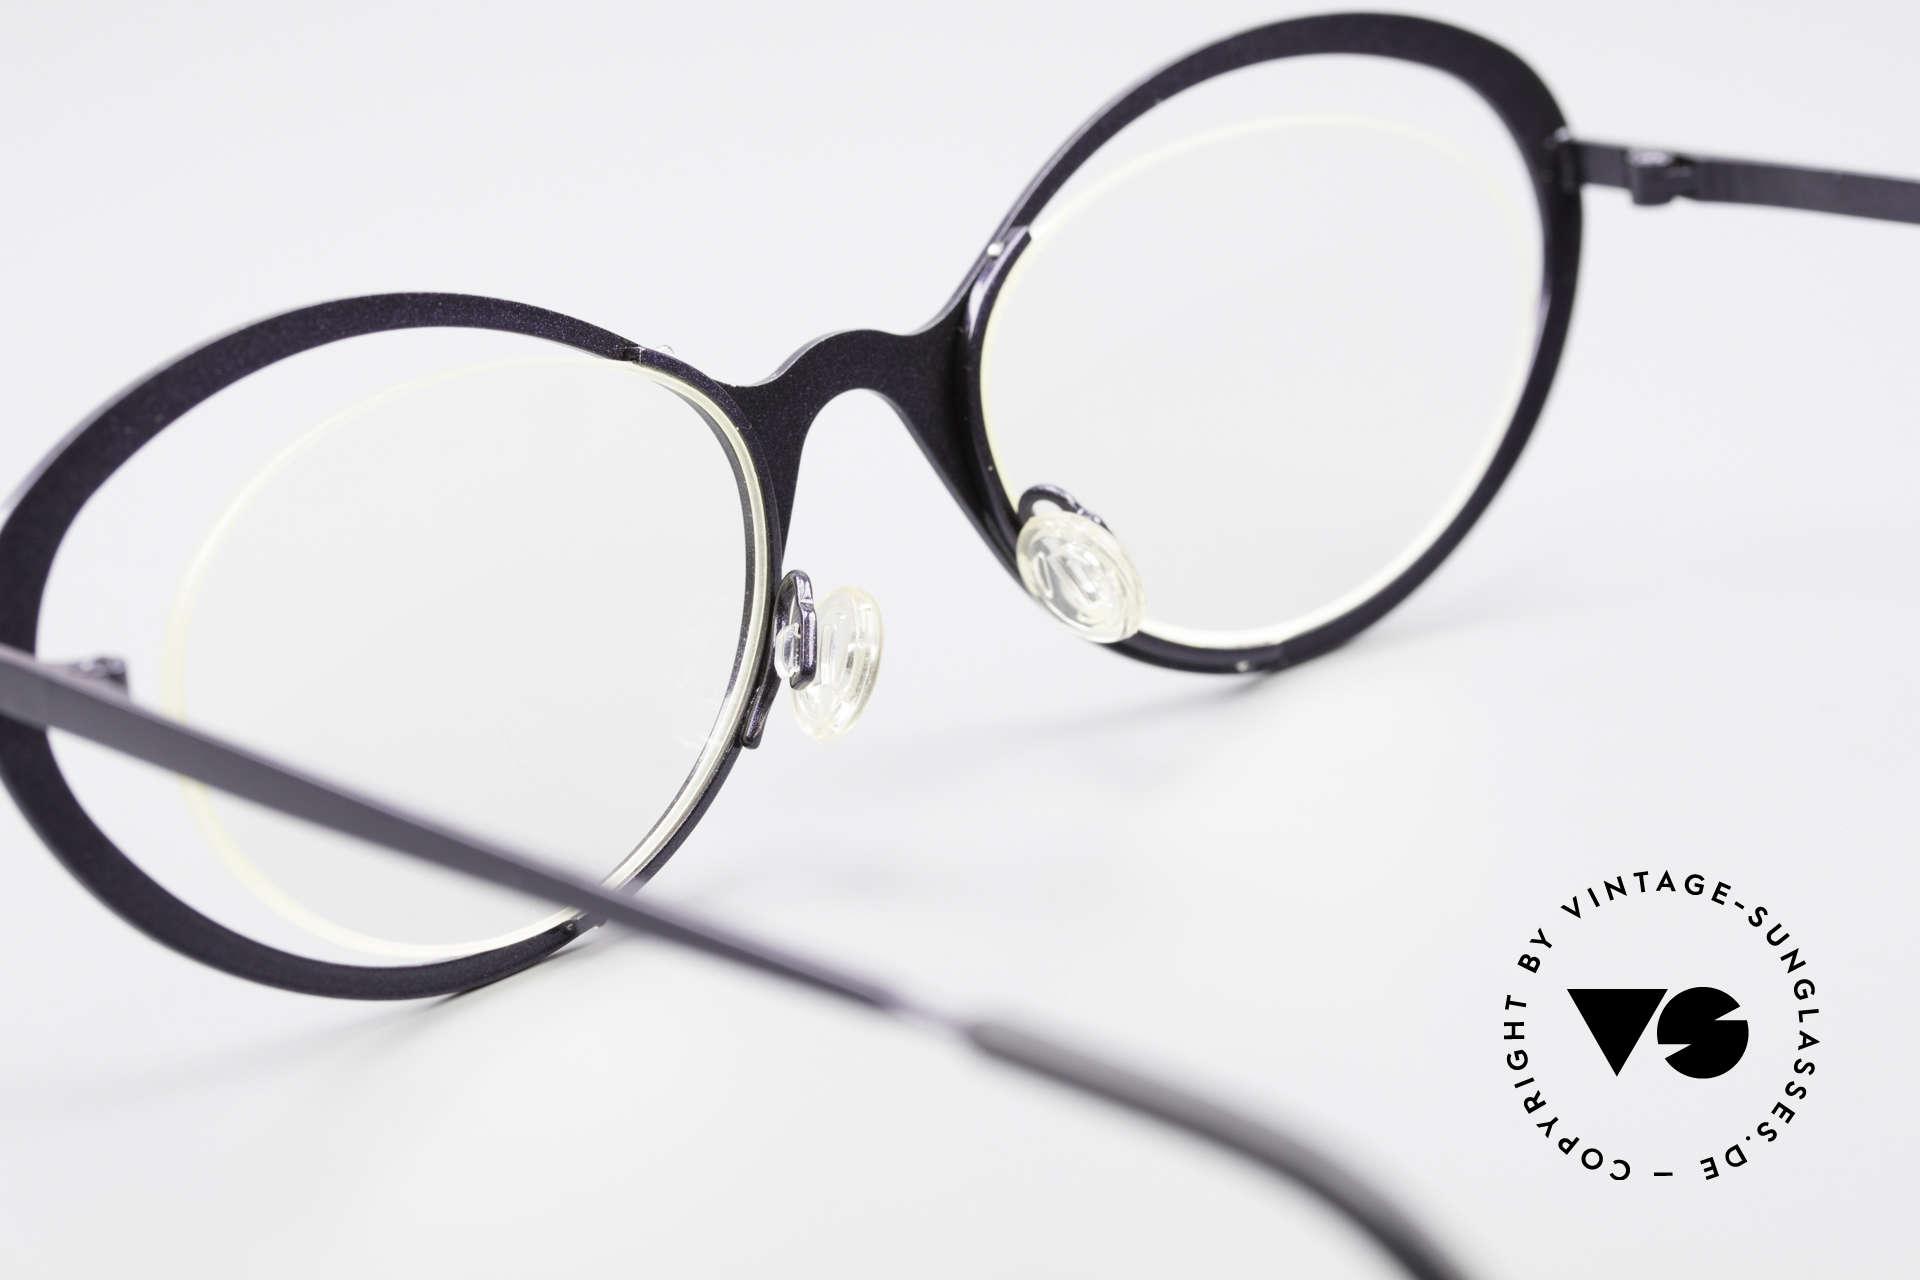 Theo Belgium LuLu Randlose Cateye Brille 90er, Demogläser konnen natürlich beliebig ersetzt werden, Passend für Damen